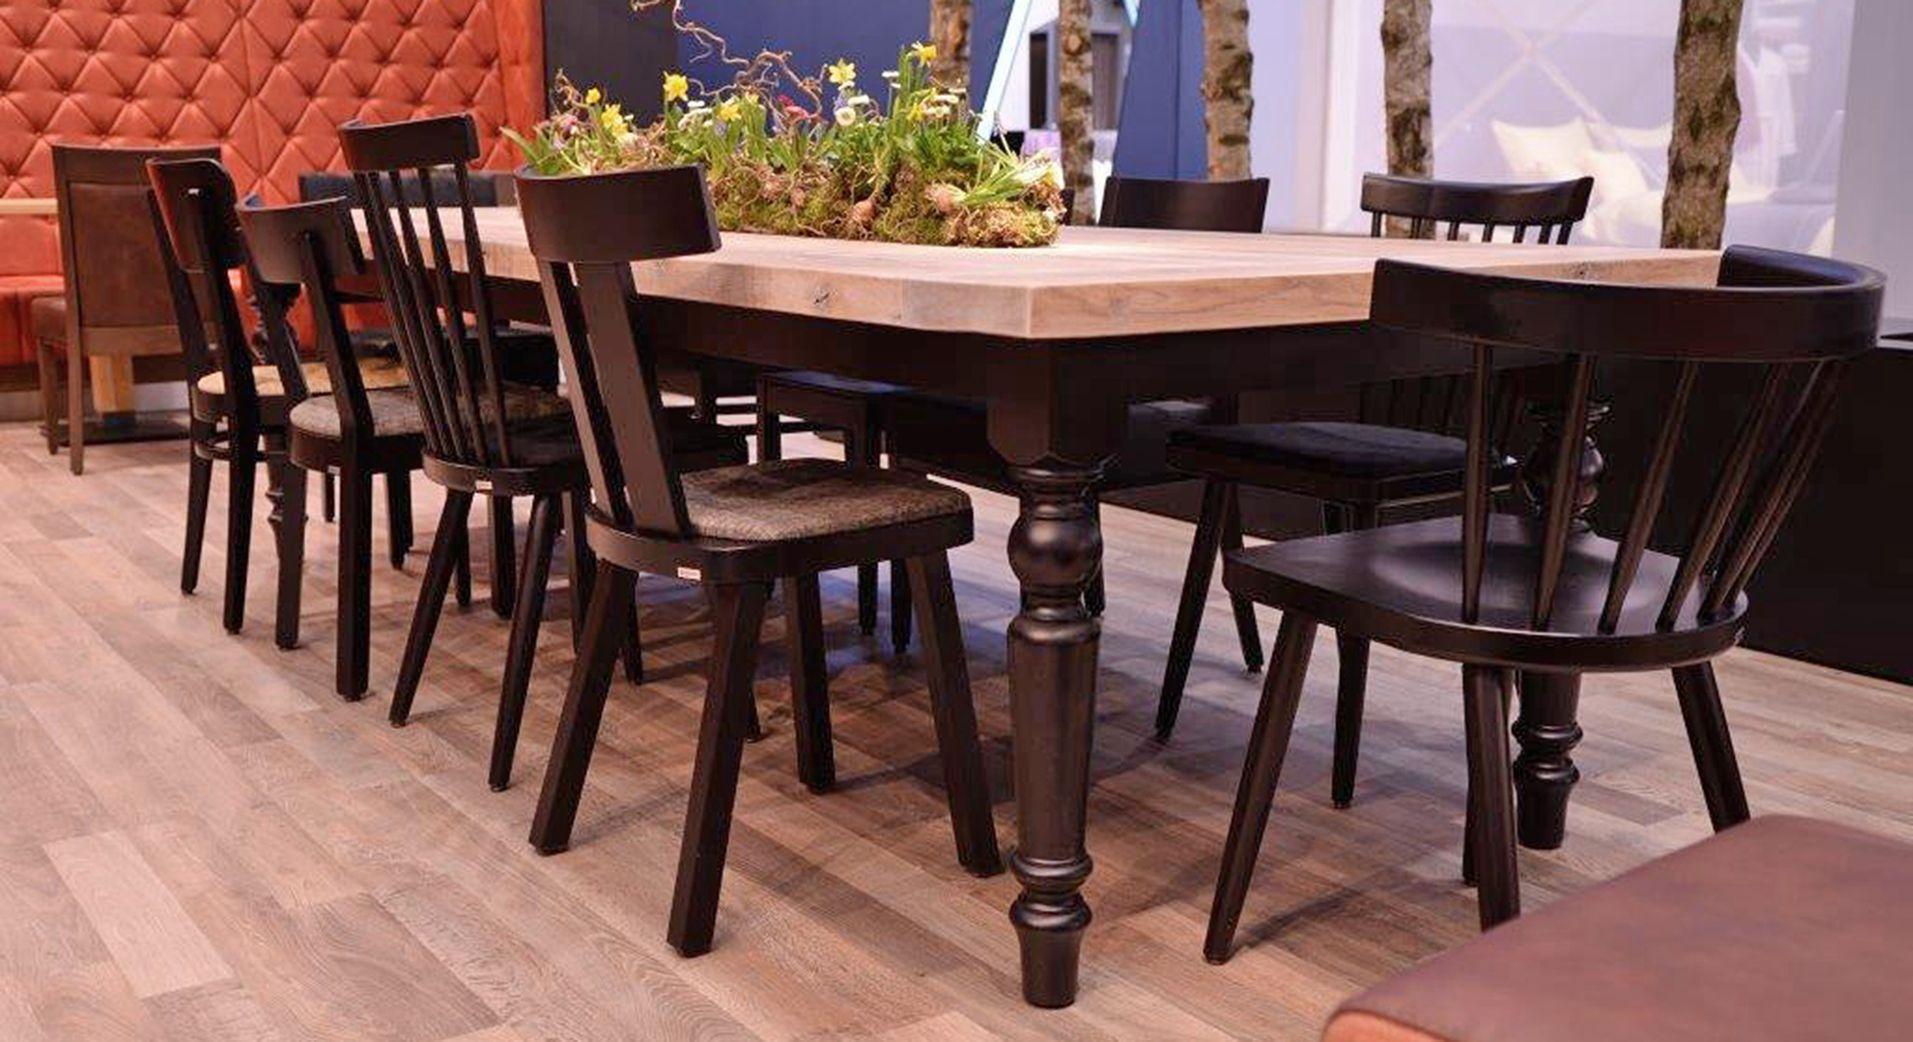 Gesindetisch 30178   Gastronomie möbel, Tisch, Küche tisch